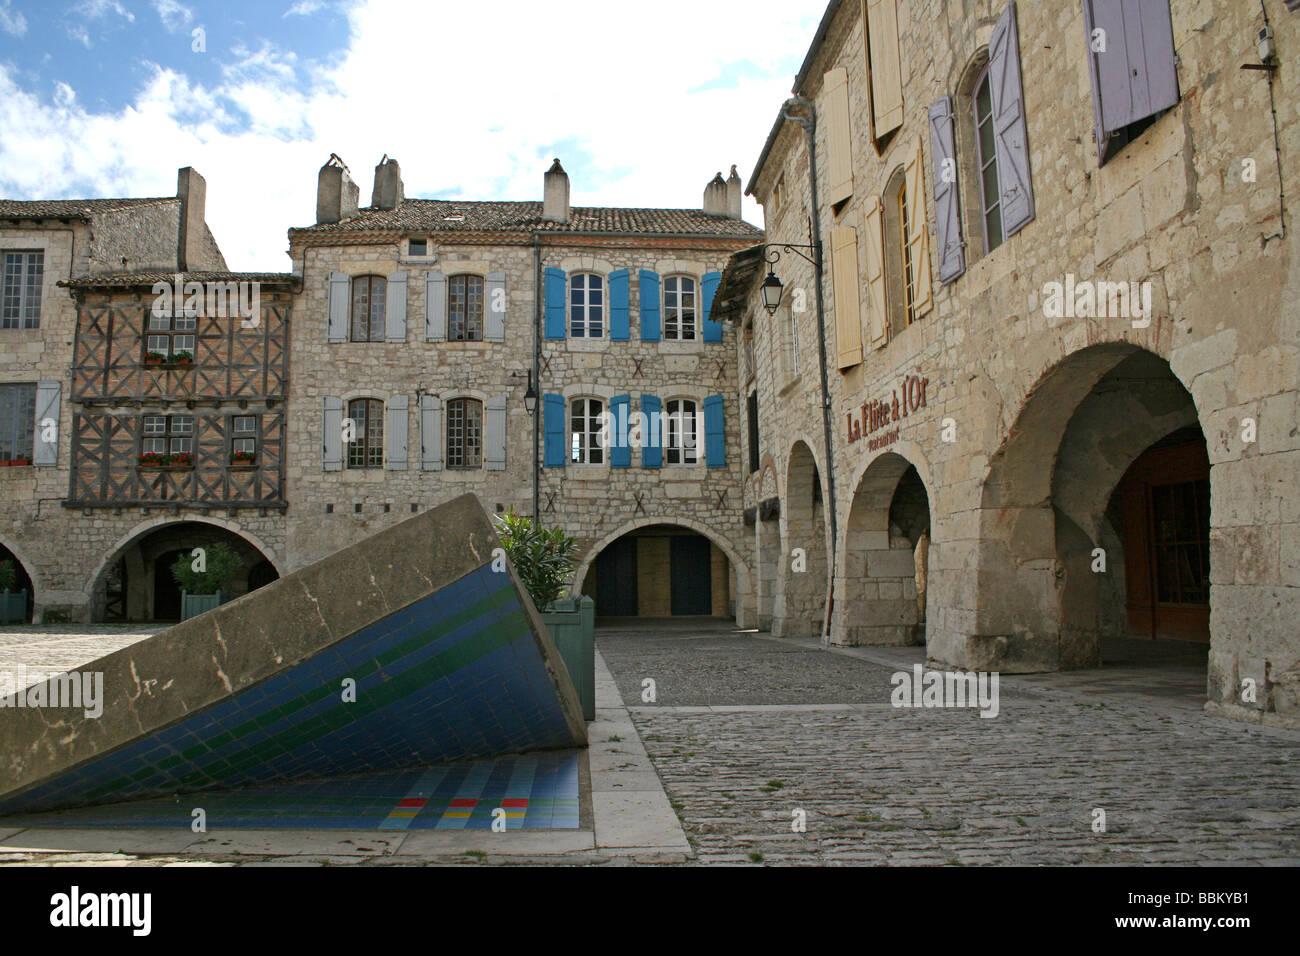 Place des Cornières: The Market Square In Lauzerte, Tarn-et-Garonne, Midi-Pyrénées, France Stock Photo